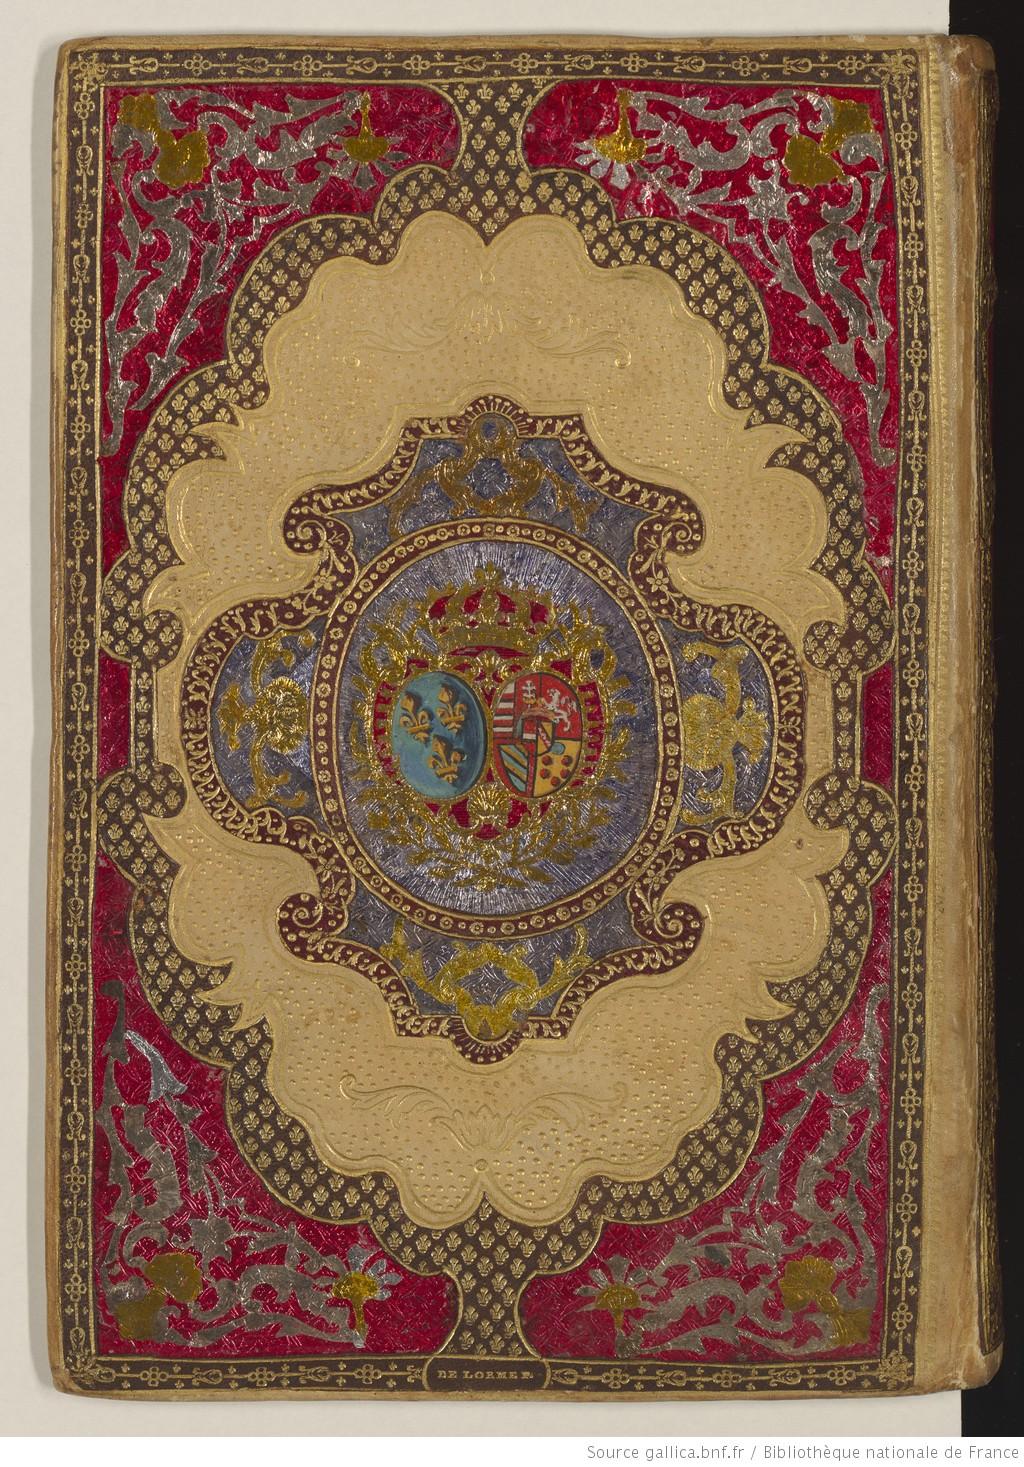 Généalogie, Héraldique, Armoiries, et Blasons de Marie-Antoinette - Page 2 Reliur11